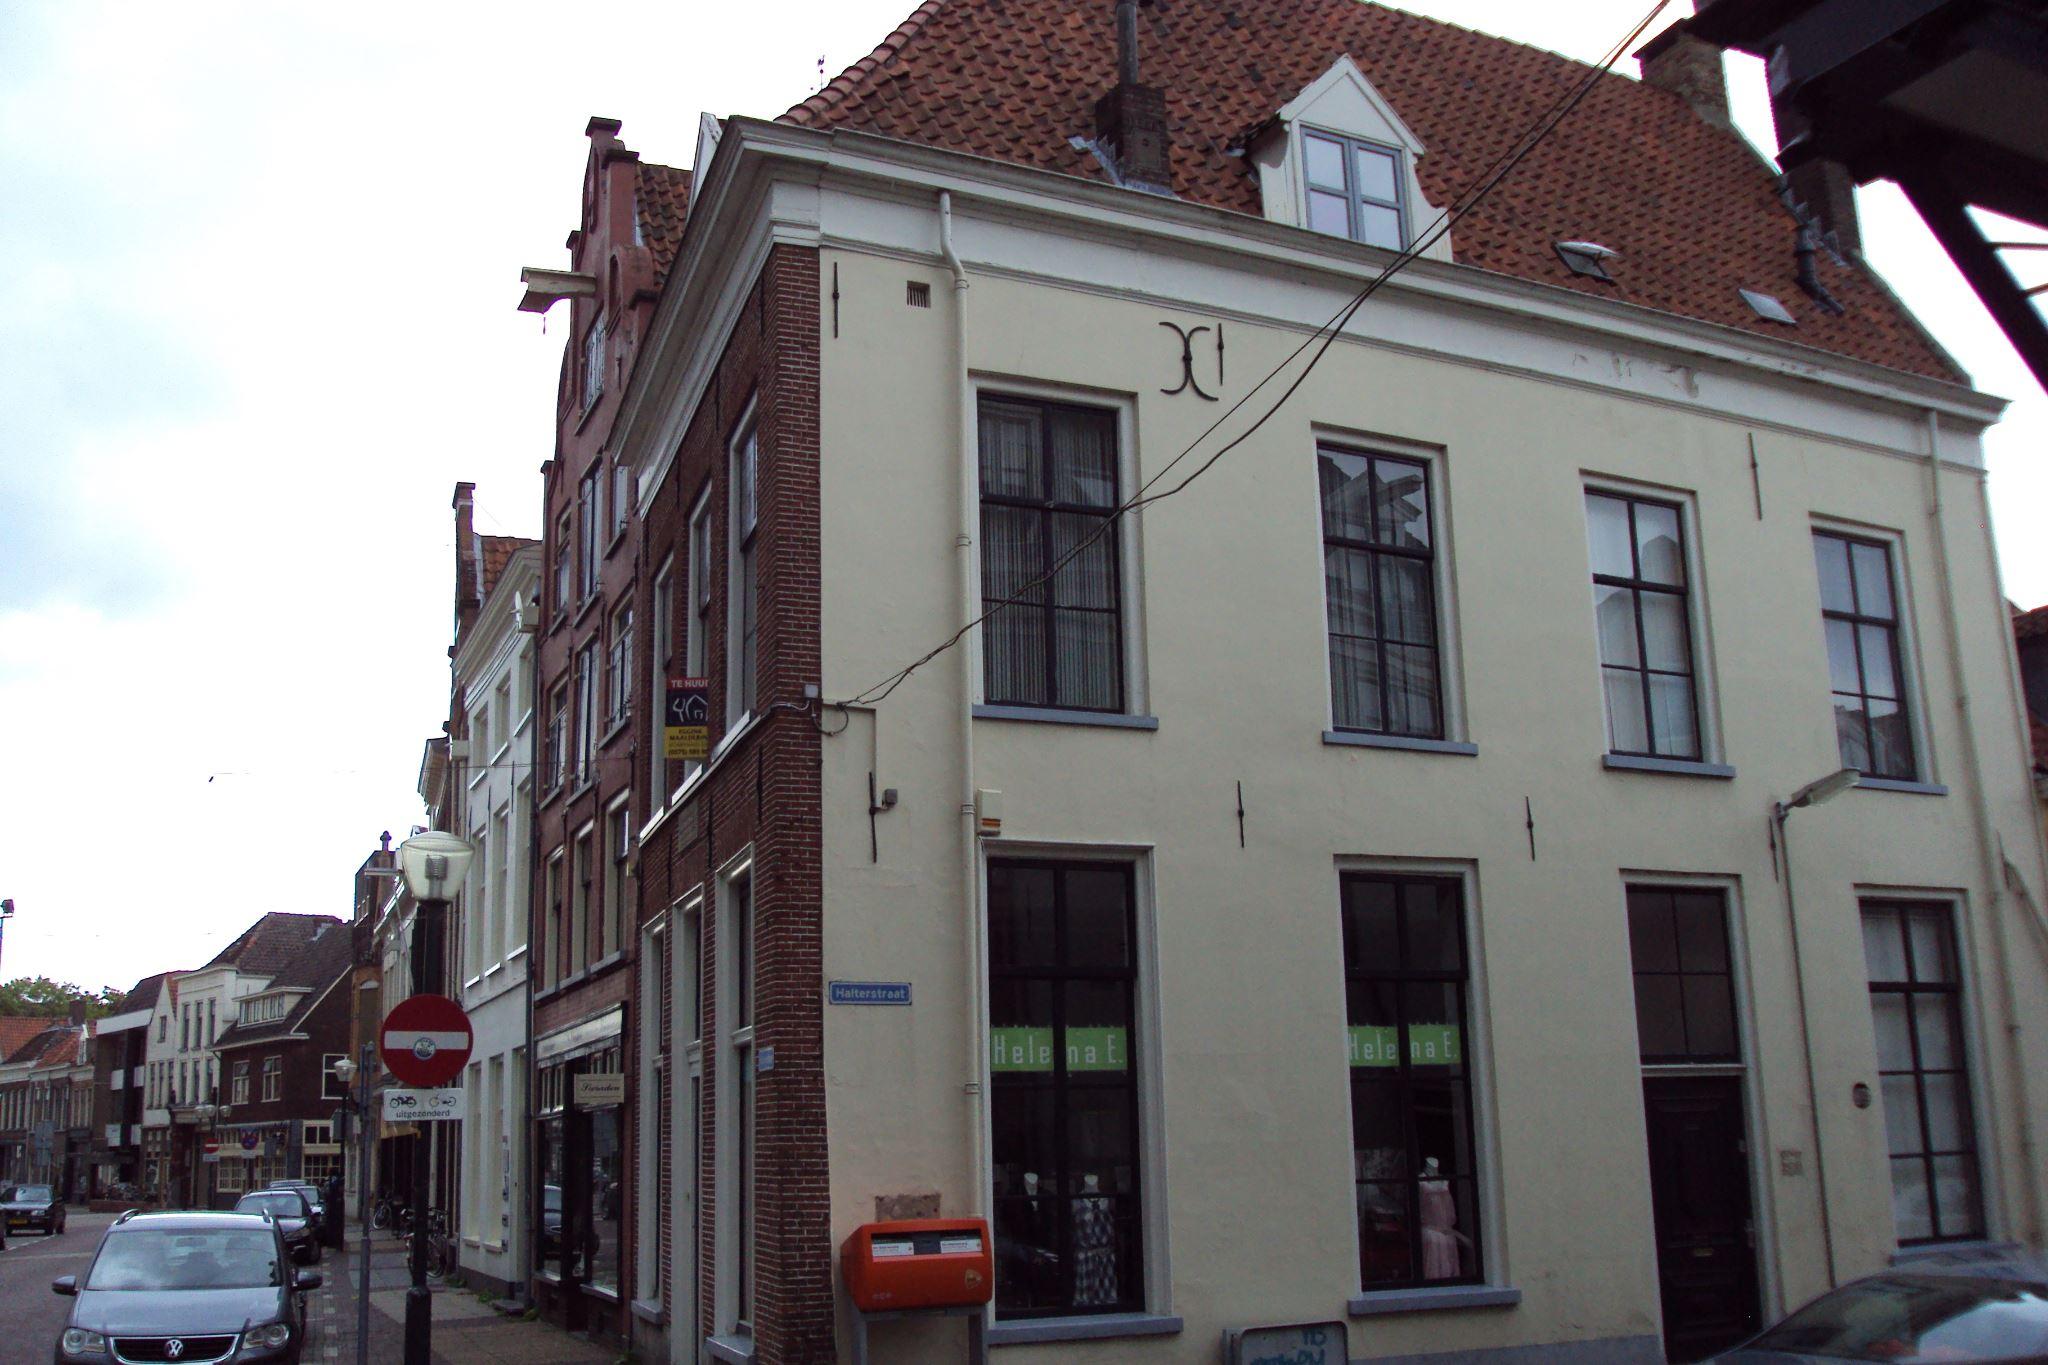 Zutphen zoek verkocht nieuwstad 34 7201 nr zutphen for Funda zutphen